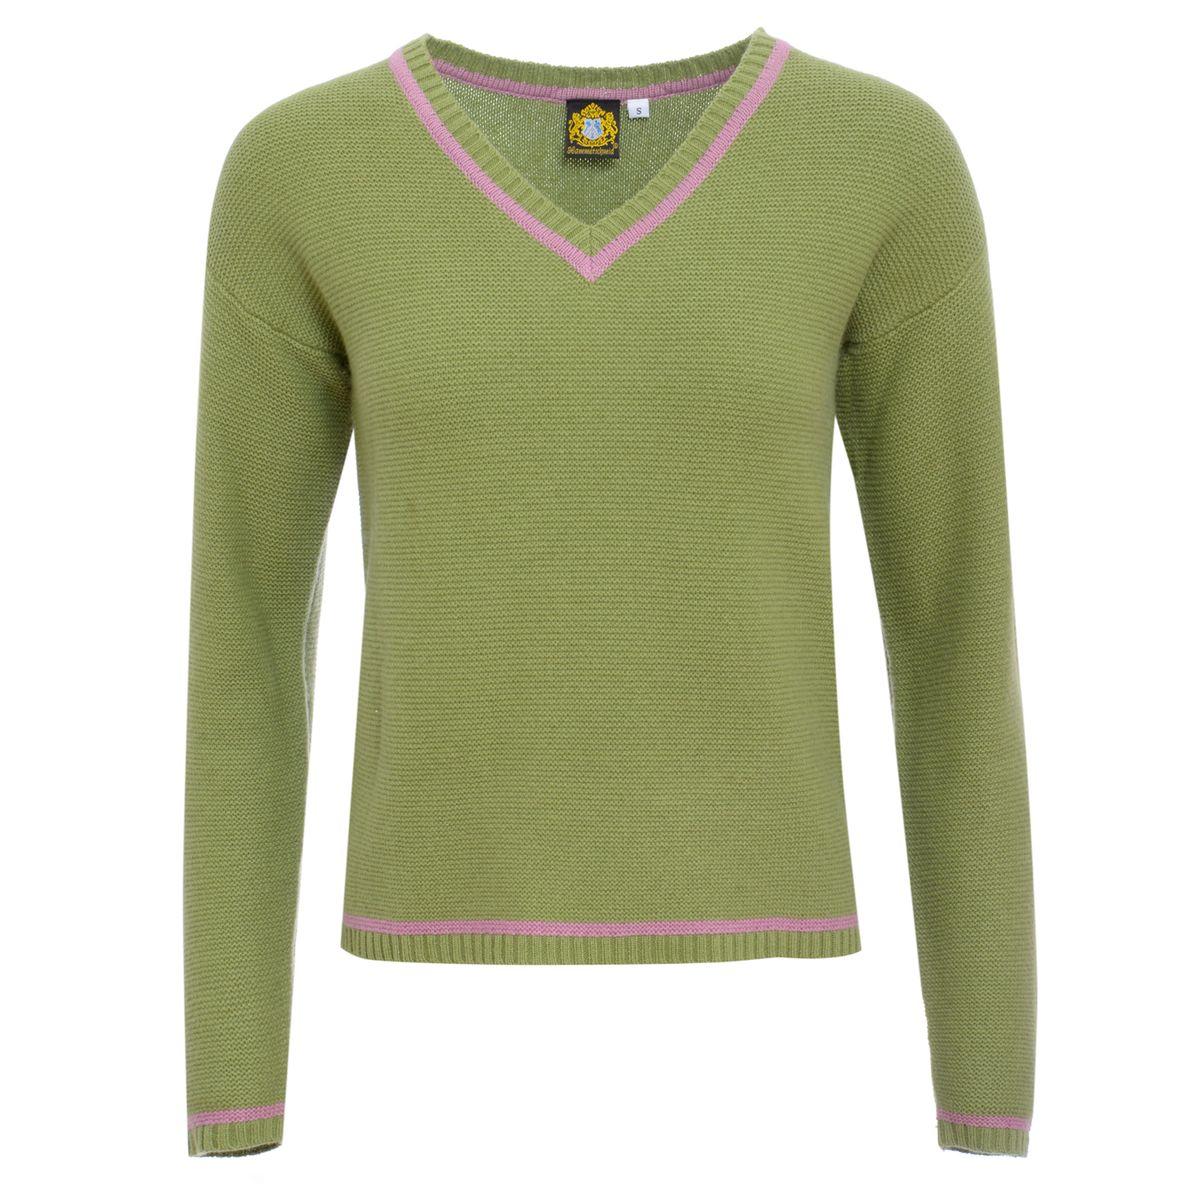 Pullover Valo in Grün von Hammerschmid günstig online kaufen